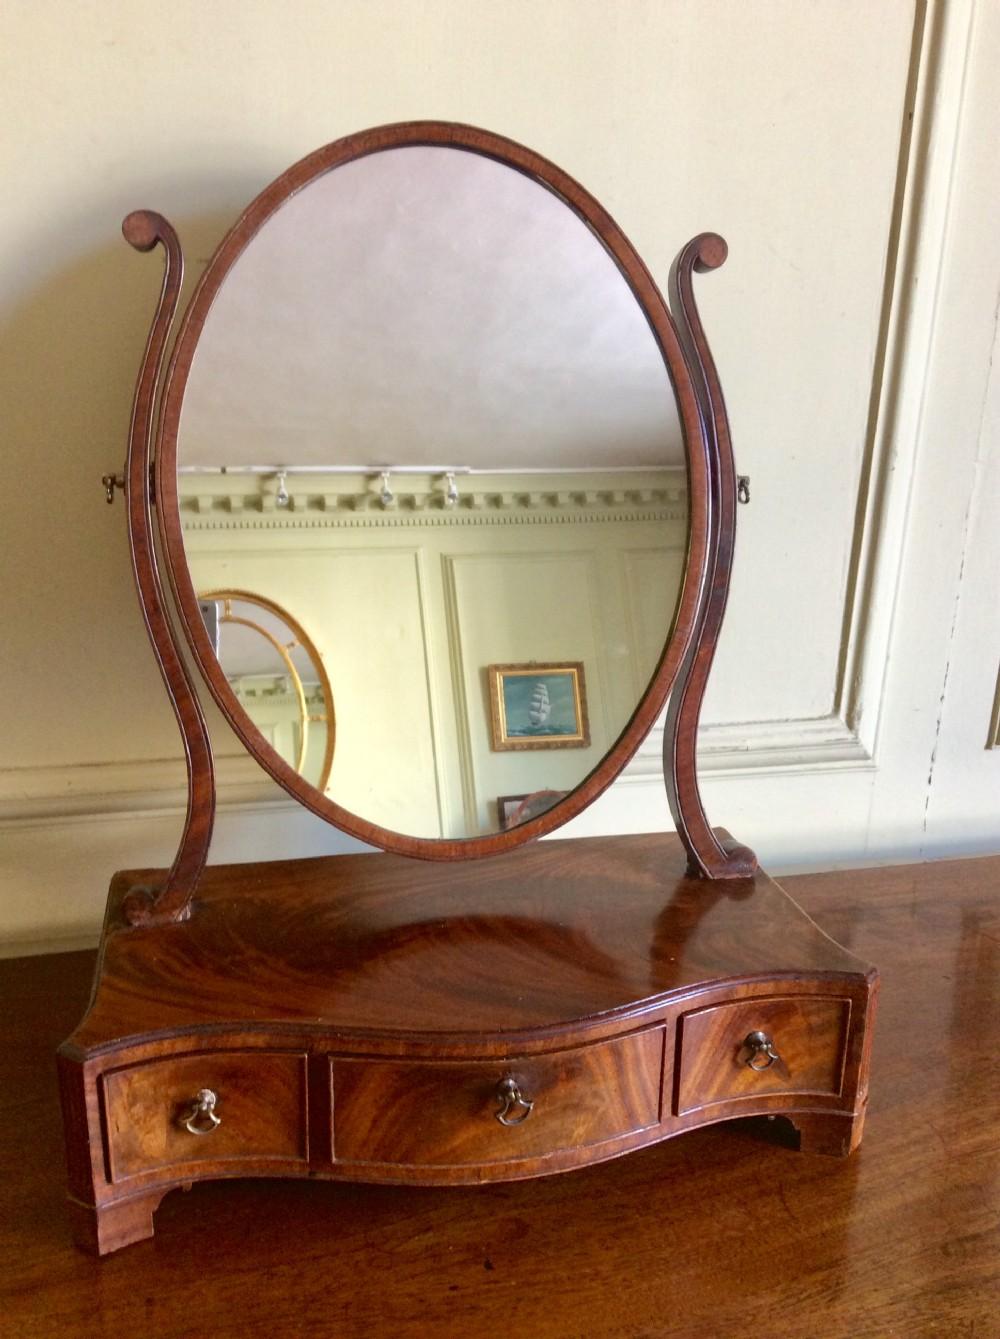 georgian serpentine toilet or dressing table mirror